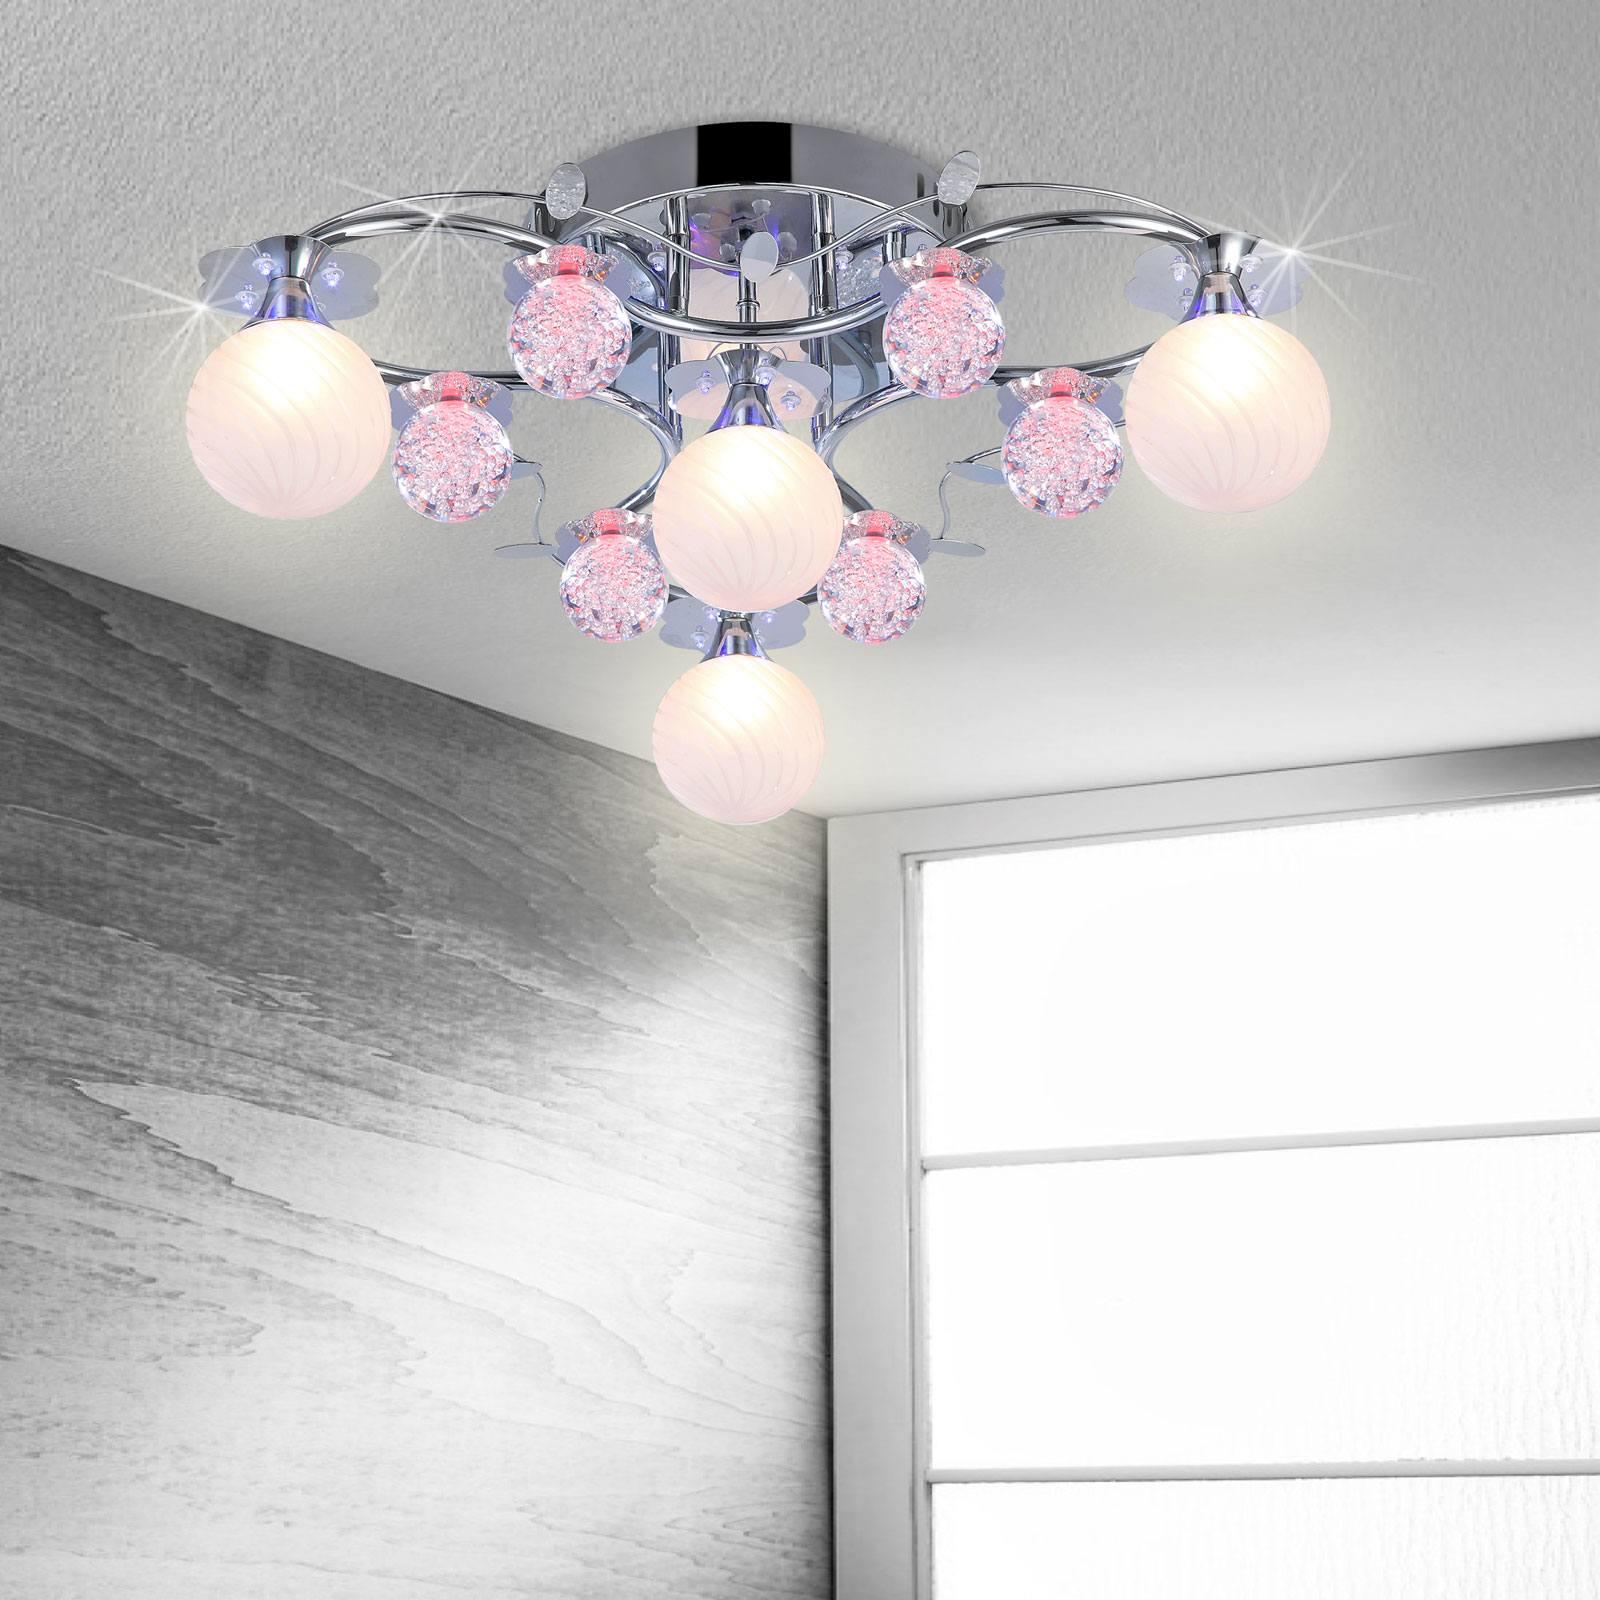 Full Size of Schlafzimmer Deckenleuchten Moderne Led Modern Deckenleuchte Design Dimmbar Obi Deckenlampe Wohnzimmer Leuchte Farbwechsel 4 Betten Teppich Komplett Mit Wohnzimmer Schlafzimmer Deckenleuchten